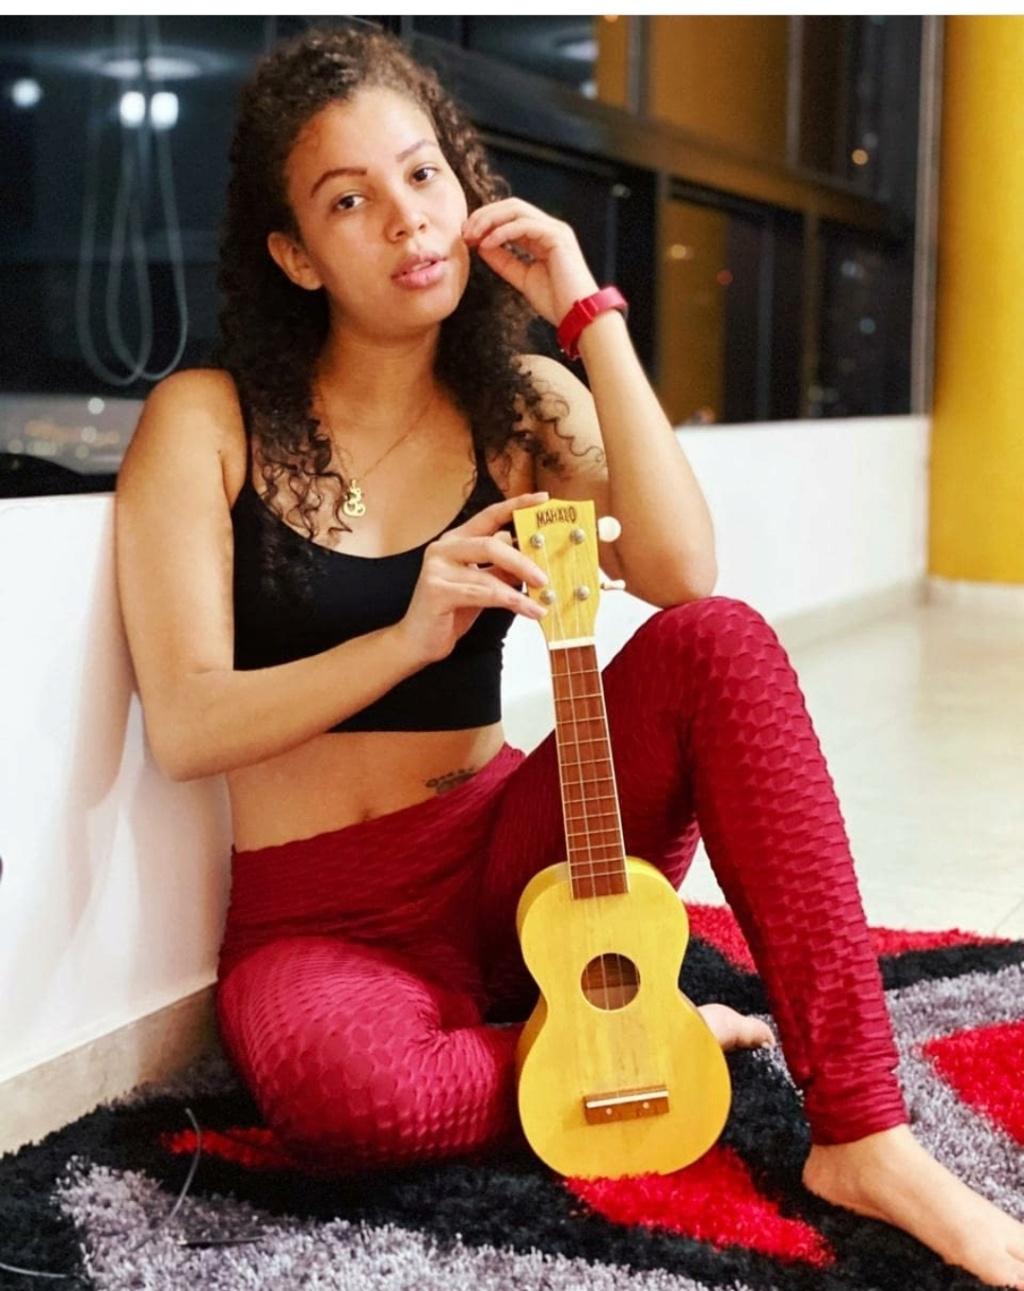 DEBATE sobre belleza, guapura y hermosura (fotos de chicas latinas, mestizas, y de todo) - VOL II - Página 13 Img_1622